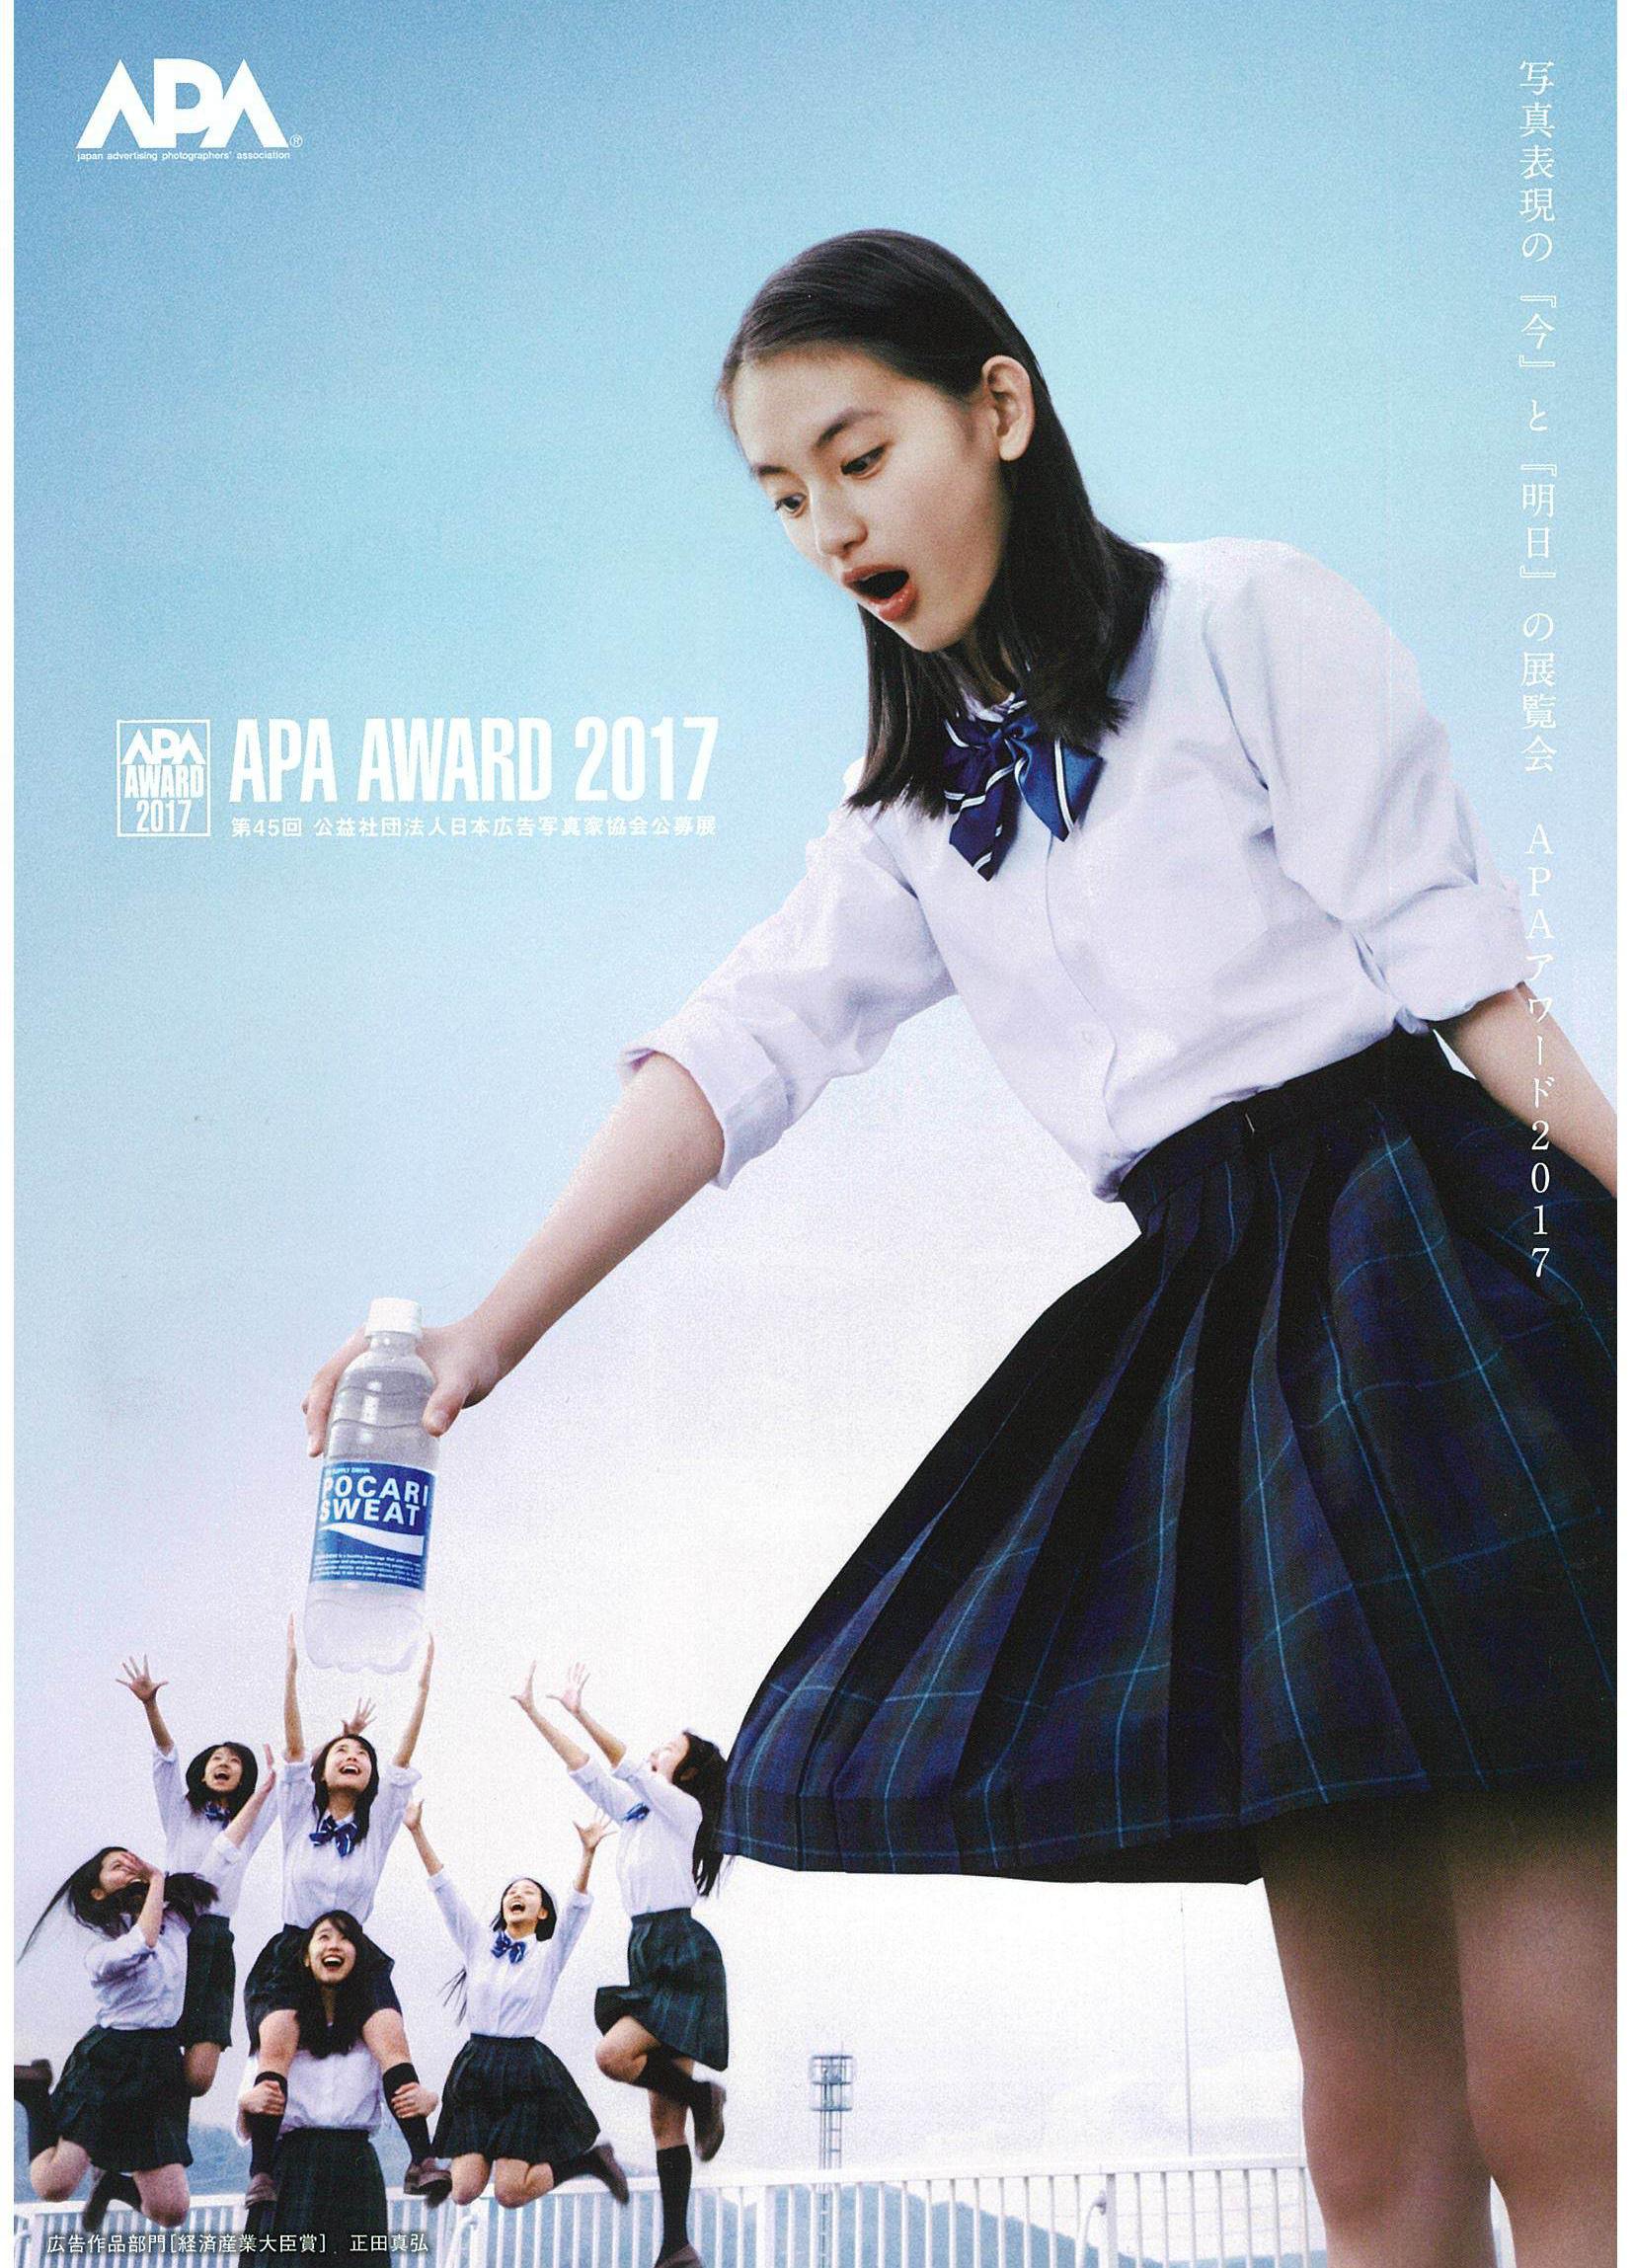 東京都写真美術館入賞式・APAアワード「写真作品部門」に入選しました